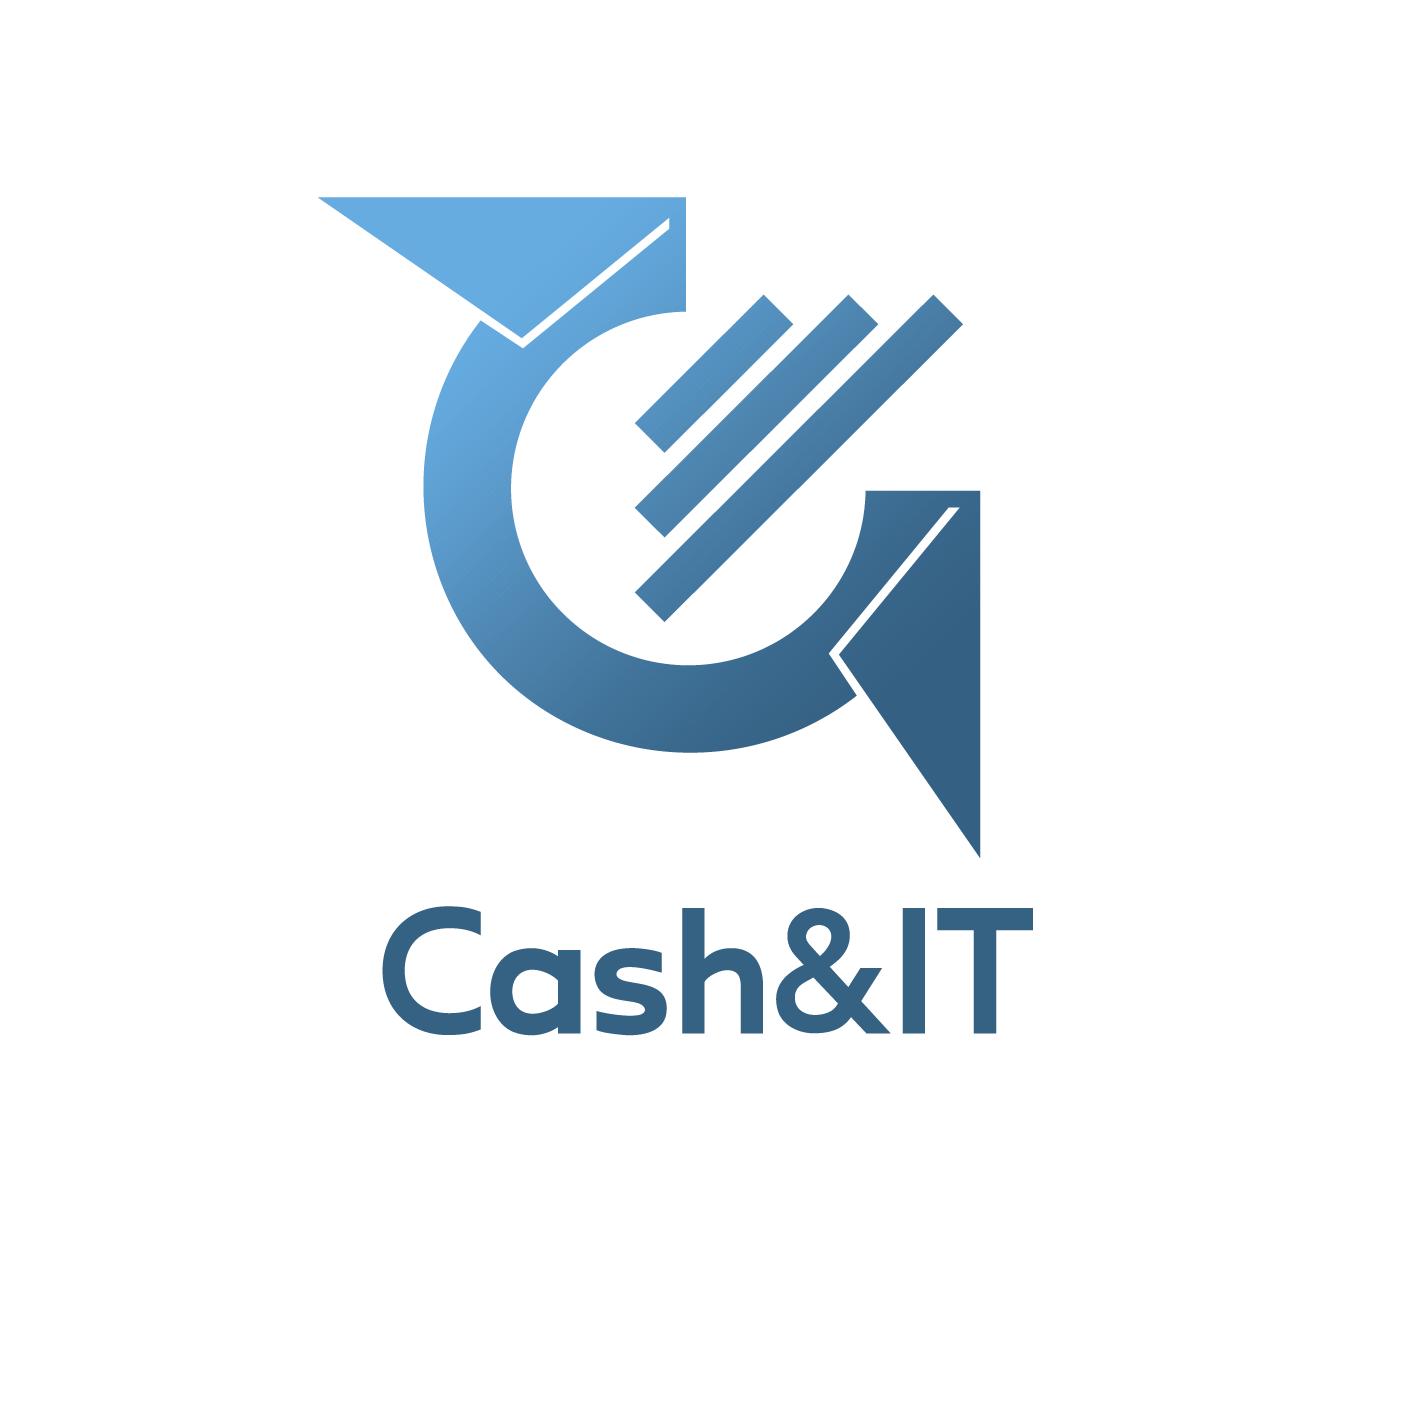 Логотип для Cash & IT - сервис доставки денег фото f_8265fd8b744141ca.png